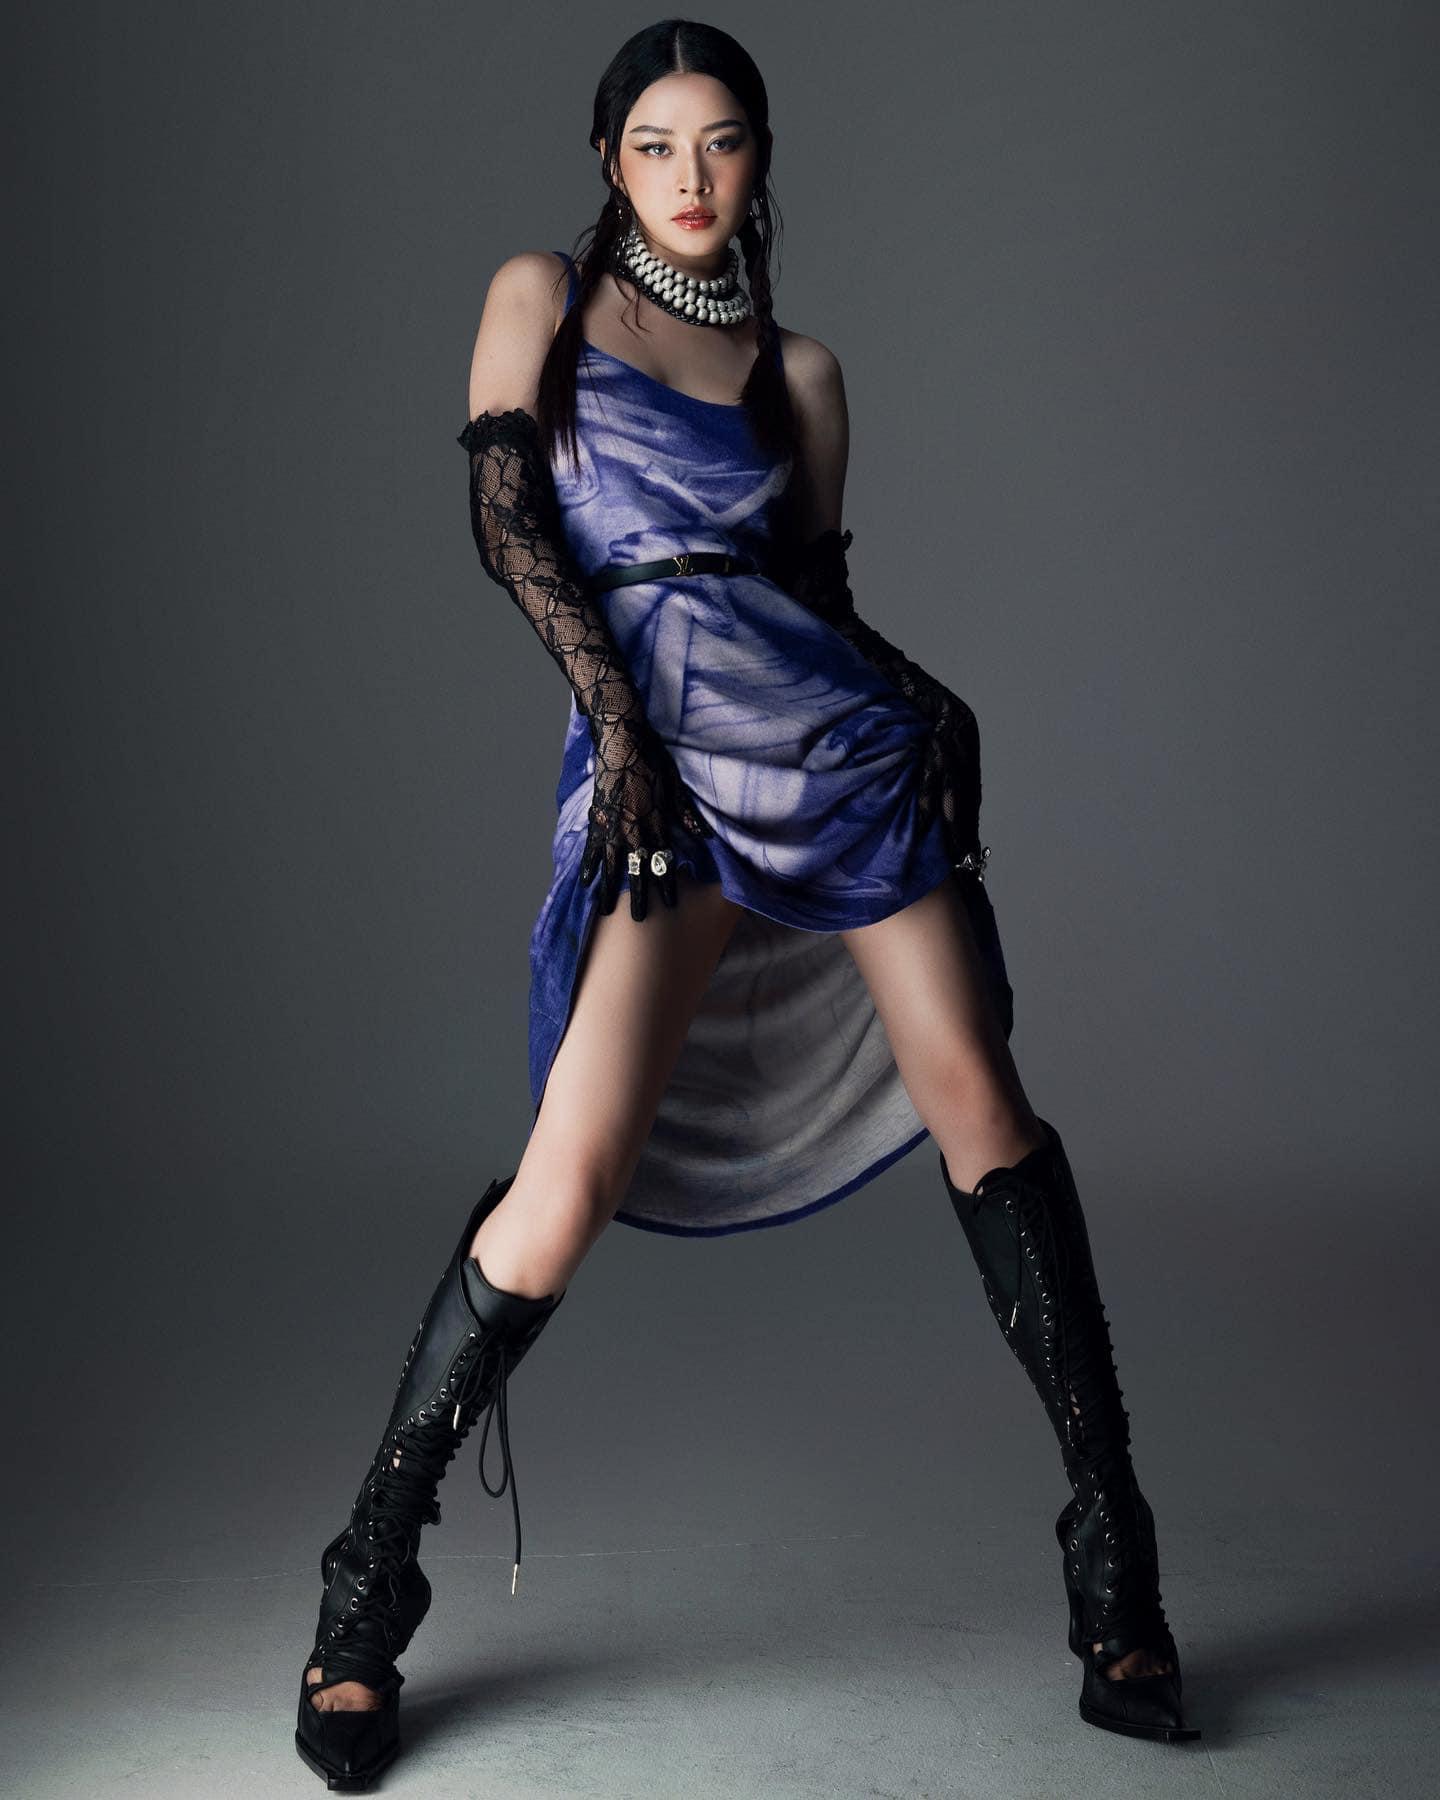 Chiếc váy tím chưa hạ nhiệt, Chi Pu lại gây sốt với bộ cánh cắt xẻ hơn cả Ngọc Trinh - 1